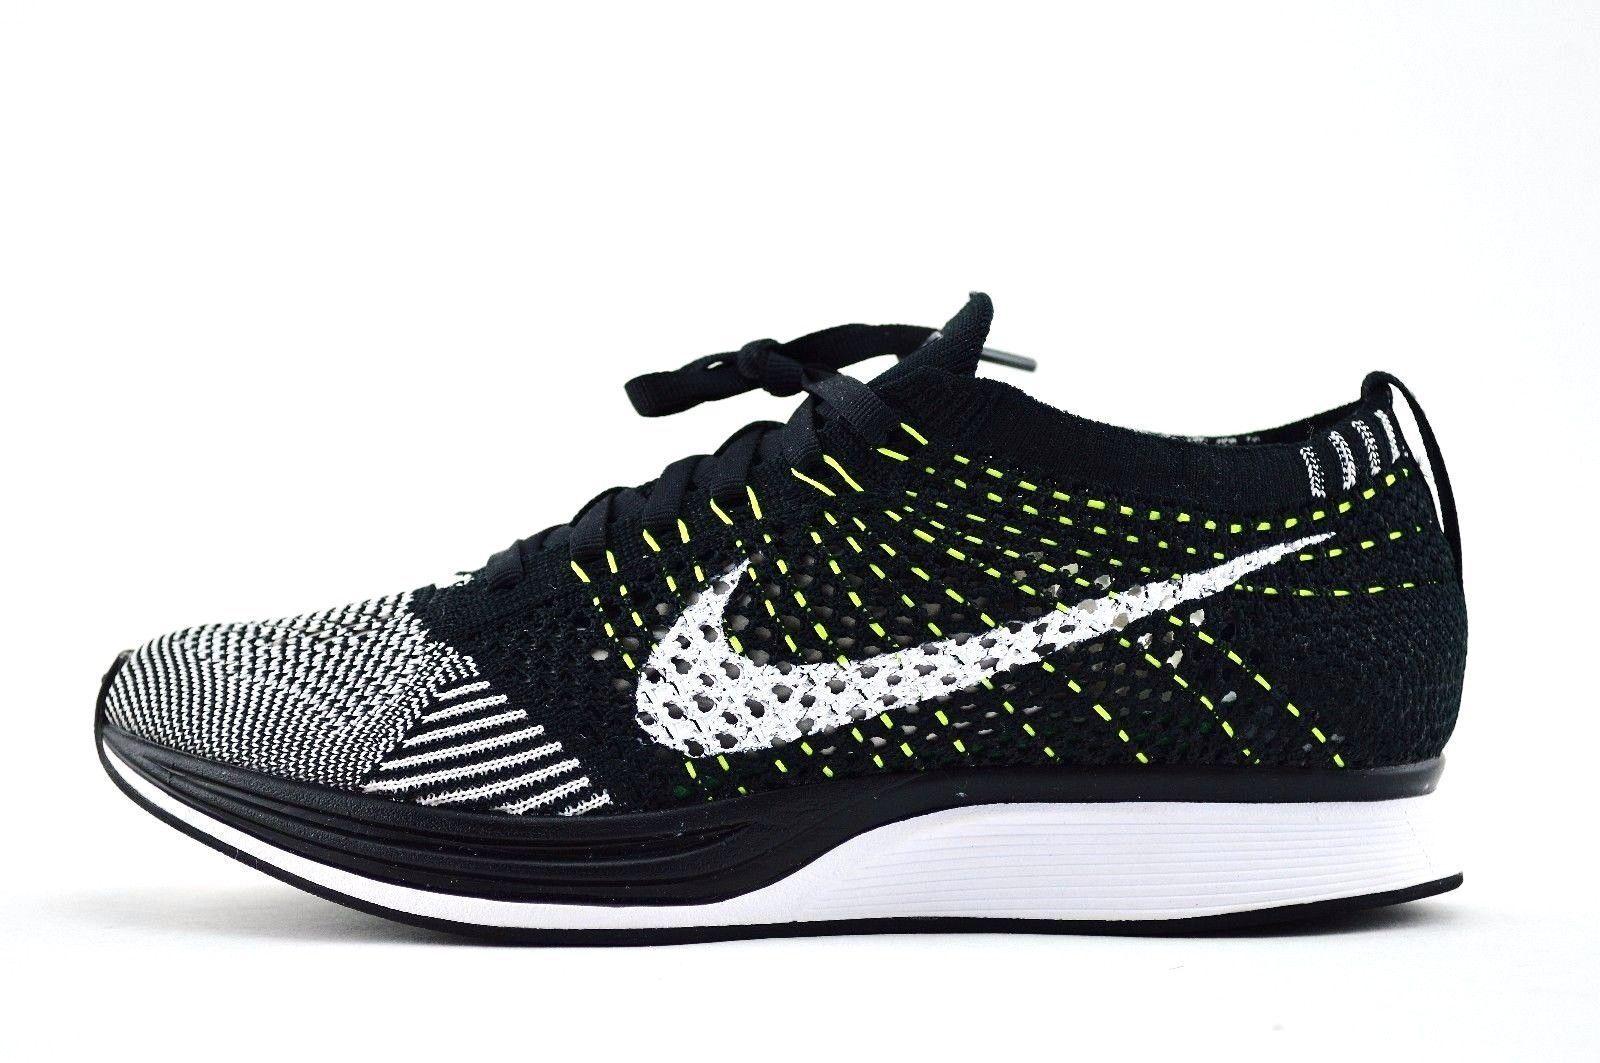 2018 Nike Flyknit Racer OG SZ 14 Black White Oreo Volt Multicolor 526628-011